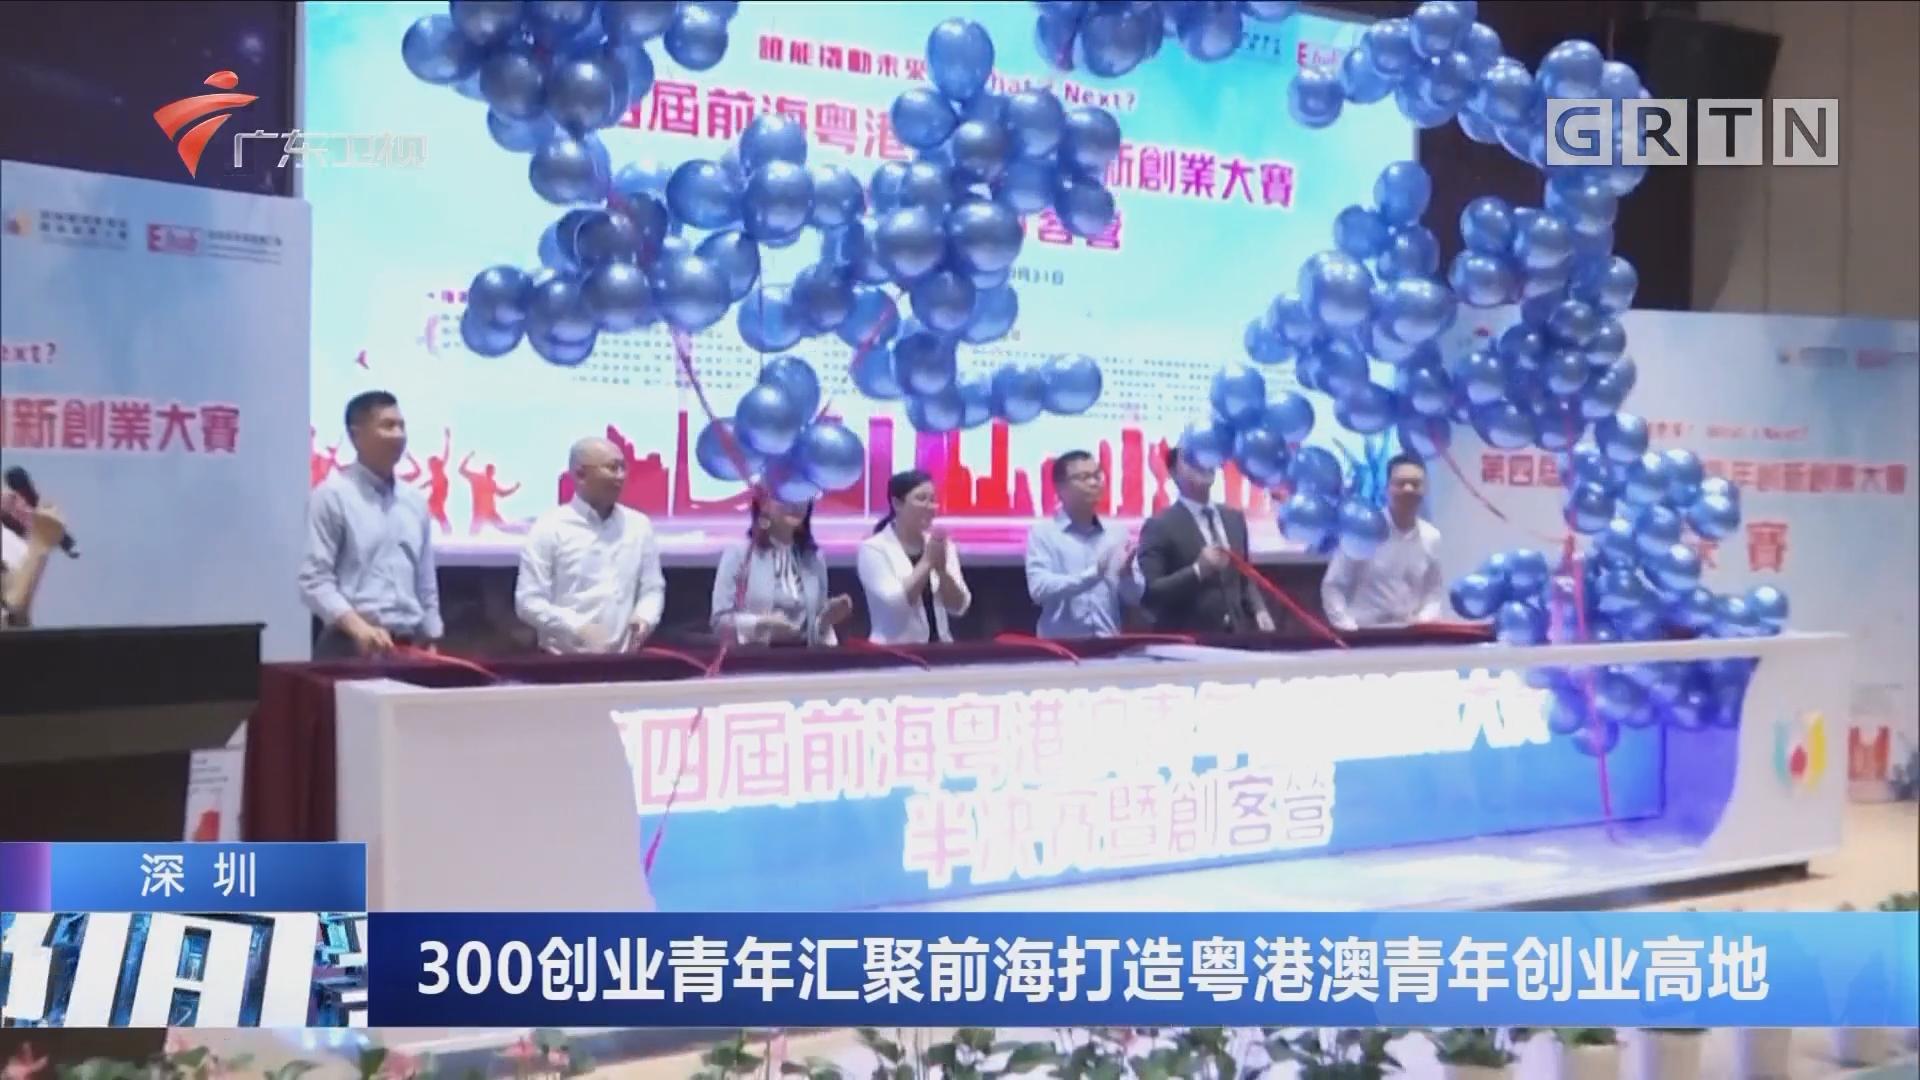 深圳:300创业青年汇聚前海打造粤港澳青年创业高地